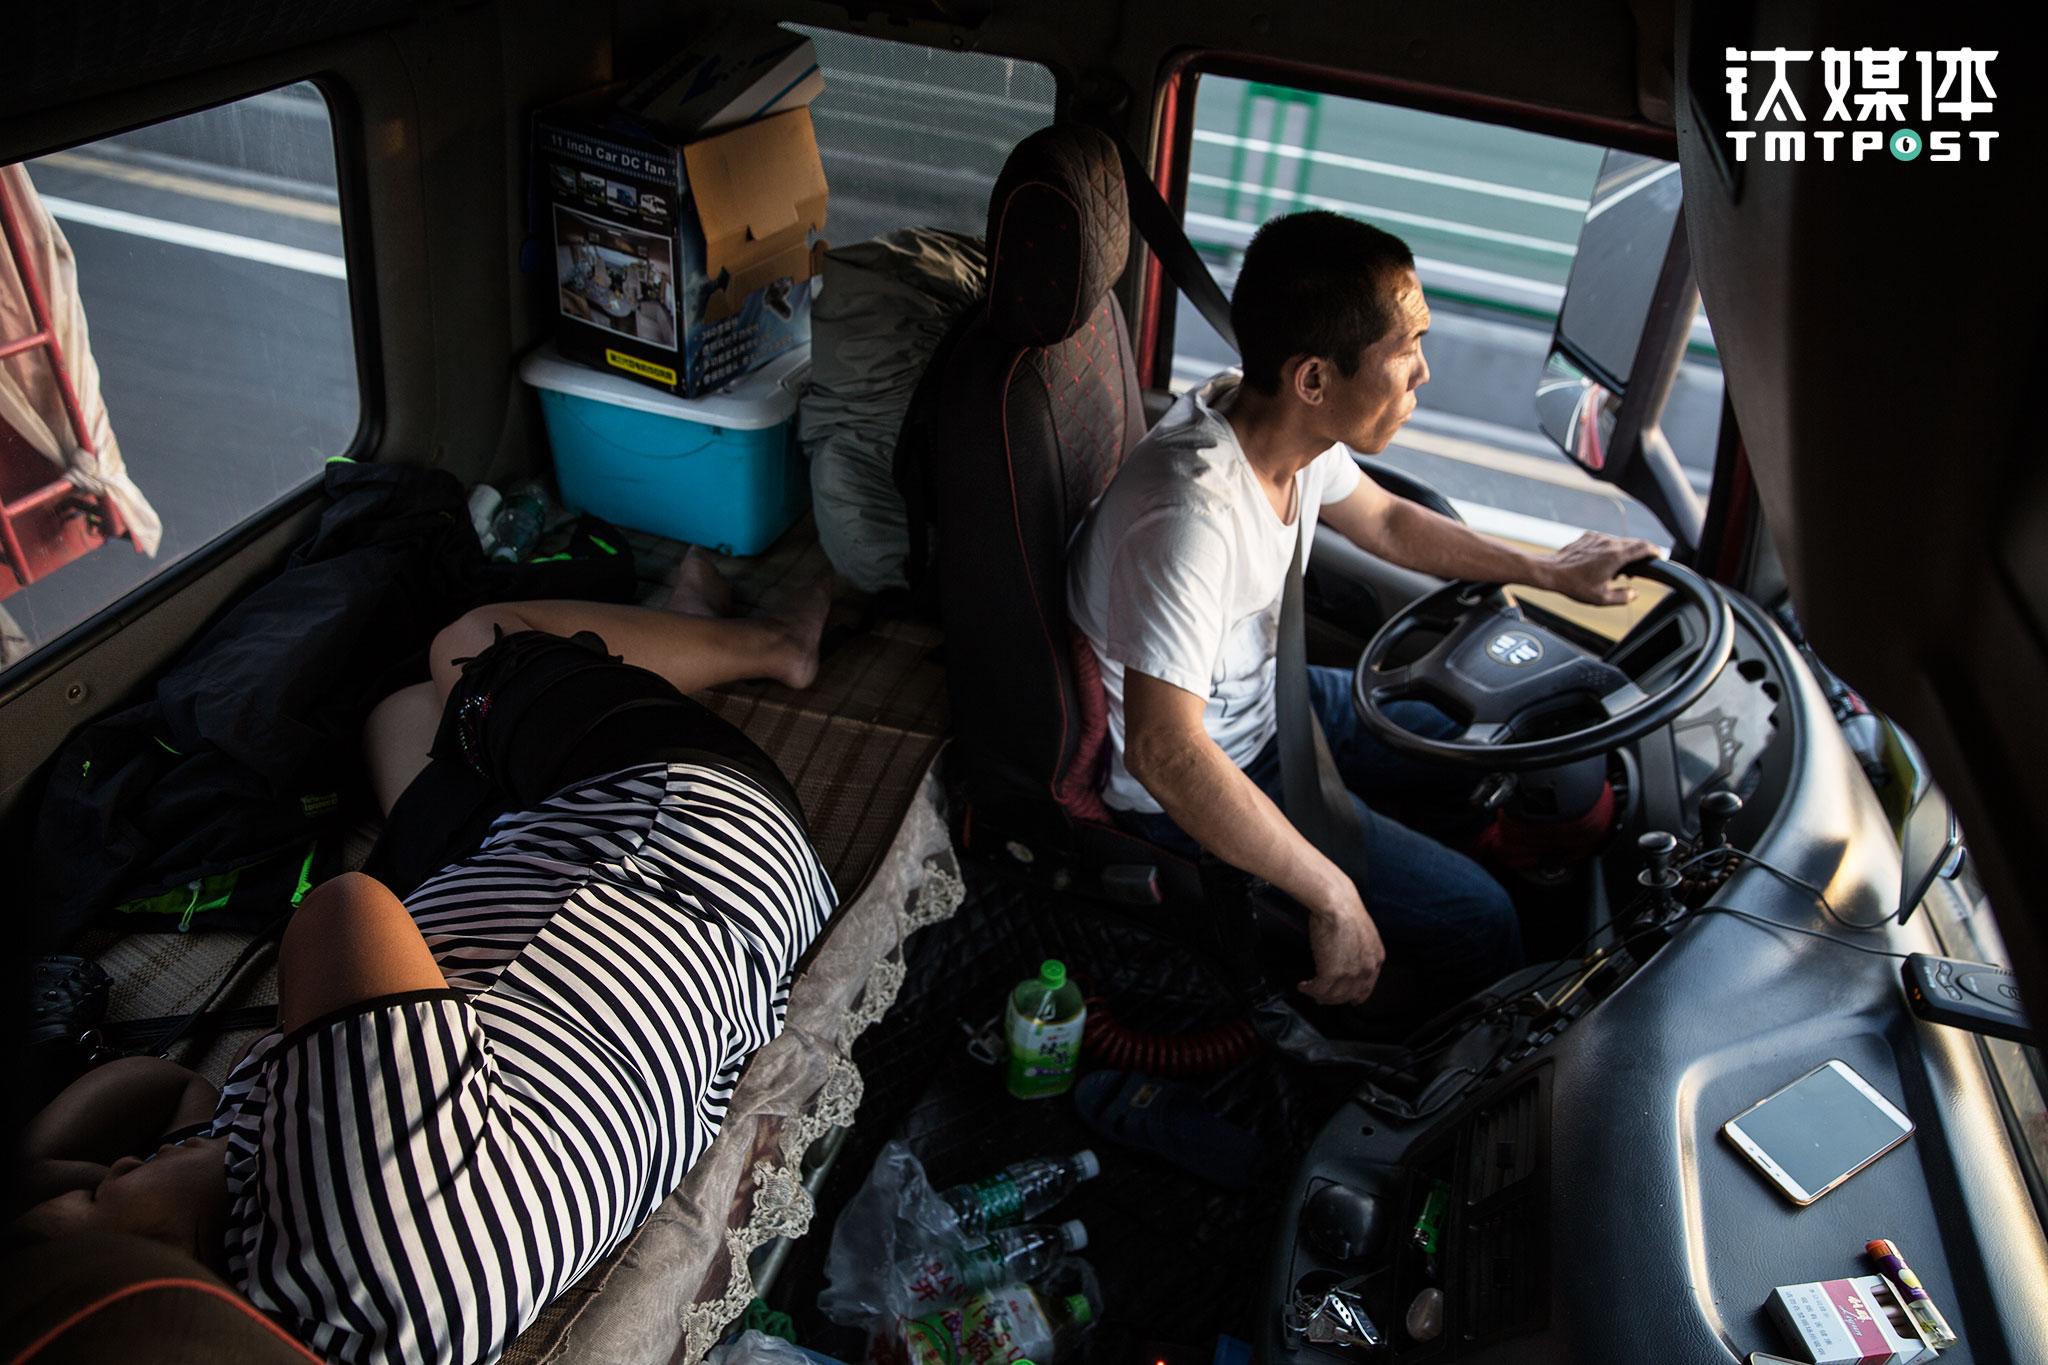 早上7点不到,一名货主着急地打来电话催问,金强本来准备走底路(非高速),为了赶时间,进入辽宁后,他开车辗转上了京哈高速。